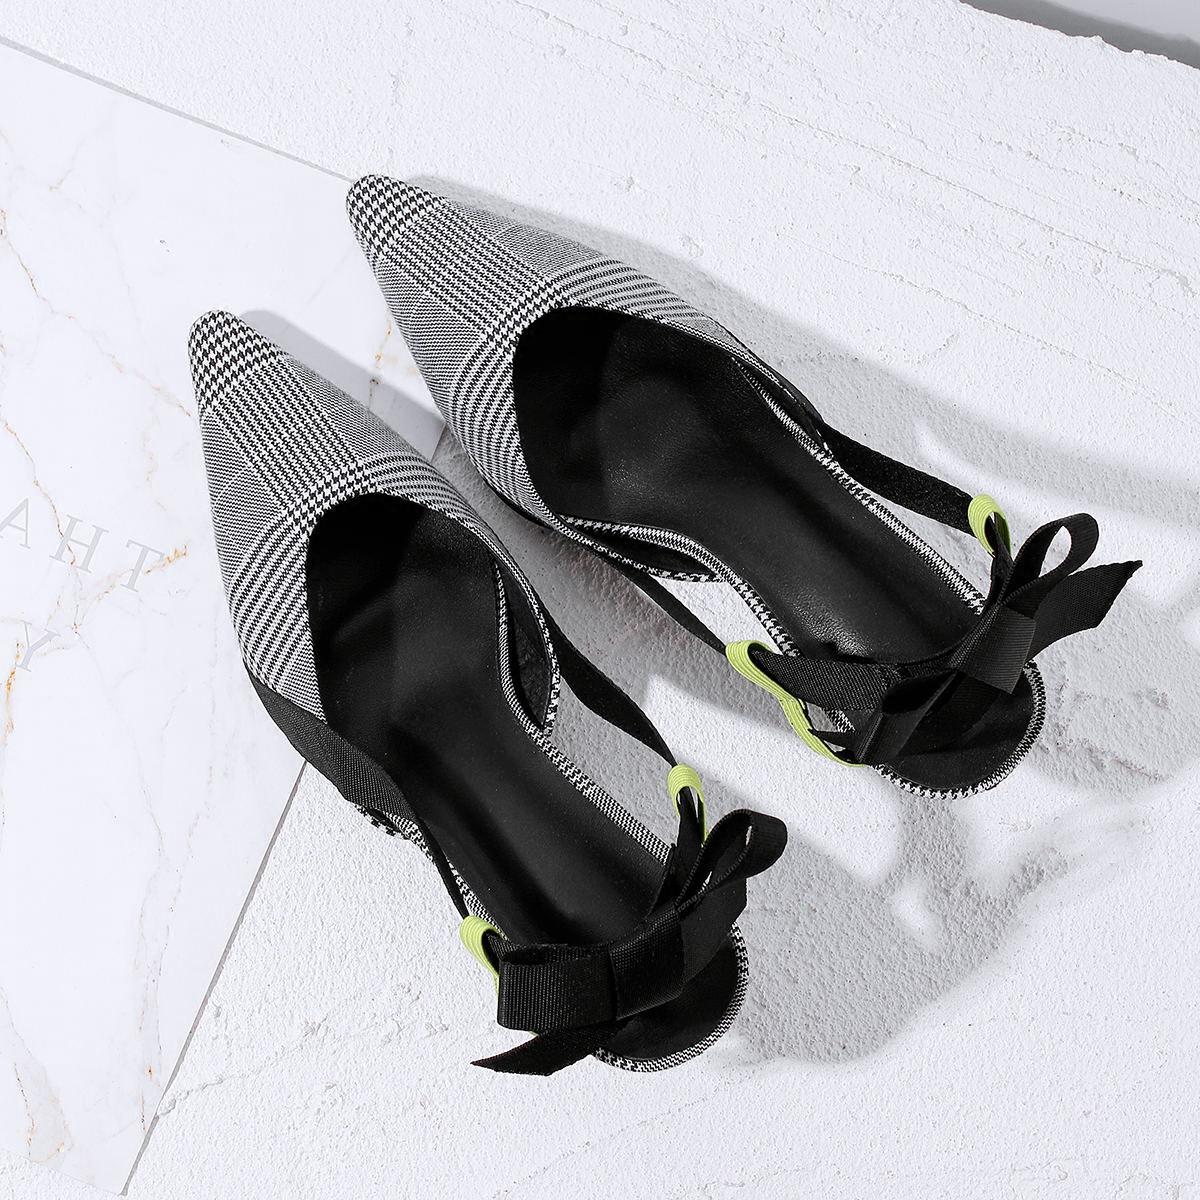 高跟单鞋 春夏千鸟格子布尖头后空后绊带单鞋女优雅气质细跟高跟包头凉鞋女_推荐淘宝好看的女高跟单鞋